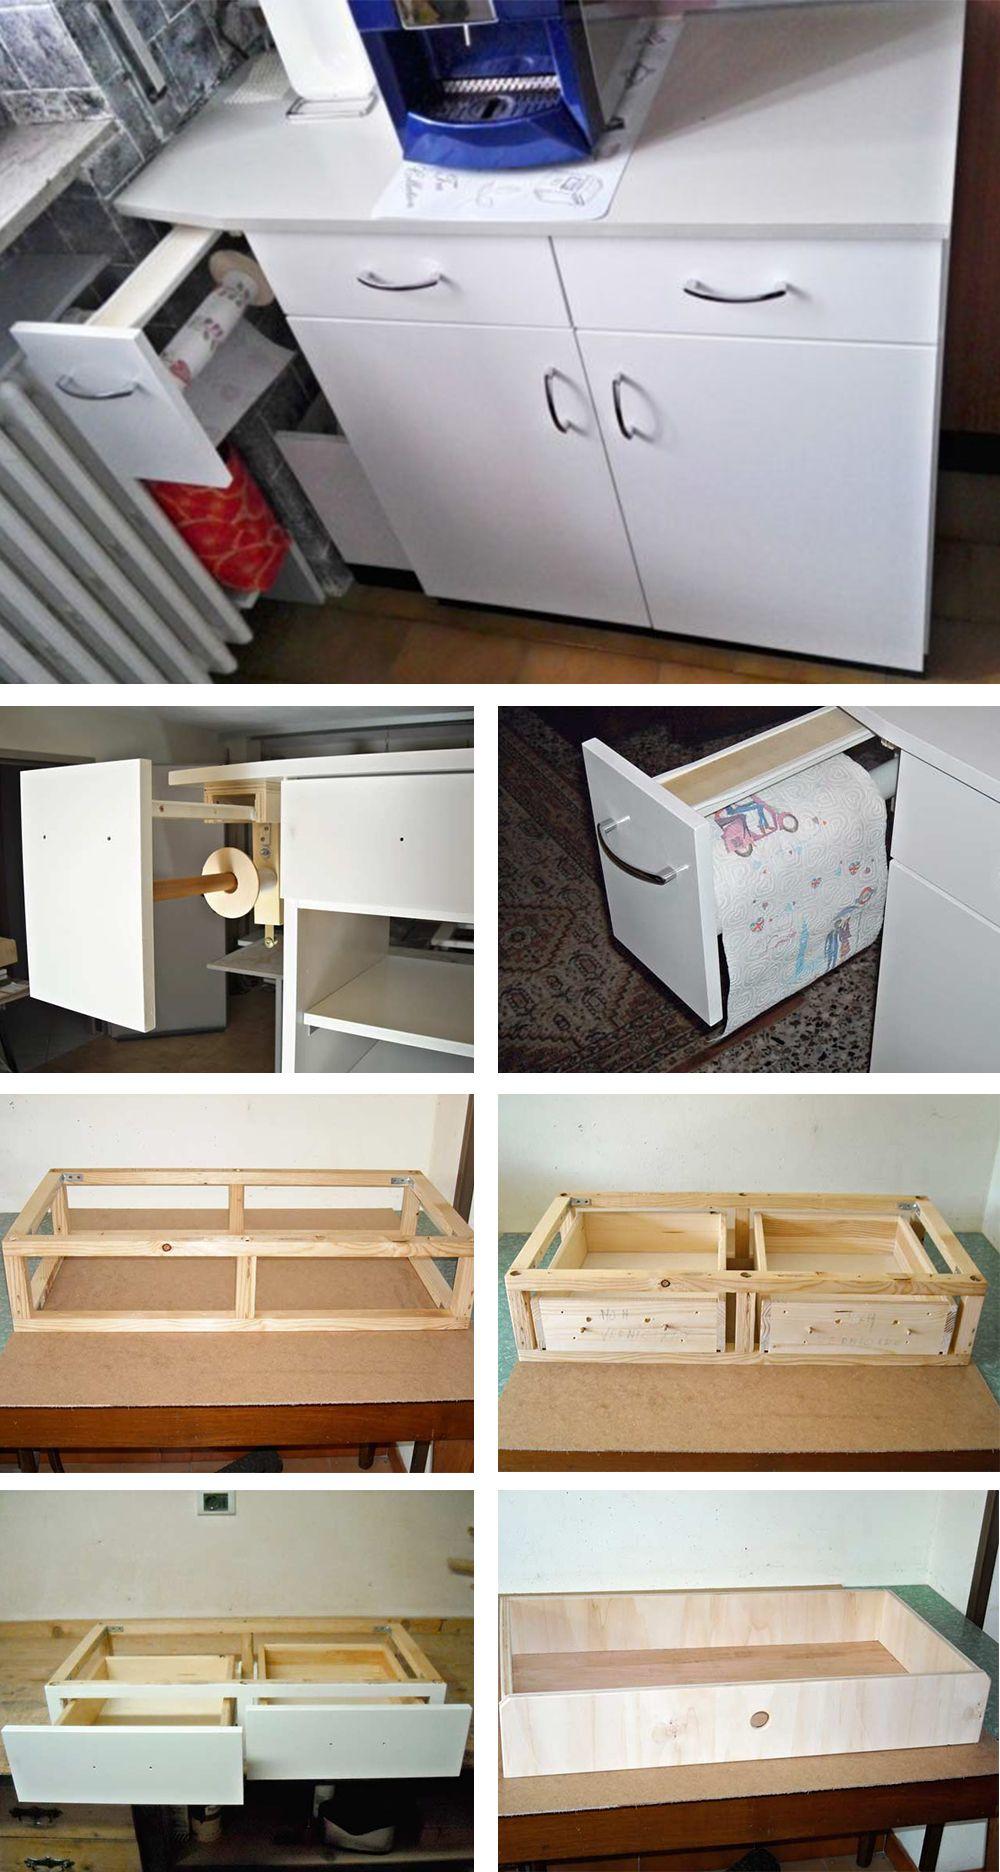 Ante Cucina Fai Da Te.Mobile Cucina Fai Da Te Con Portarotolo Mobili Da Cucina Cucina